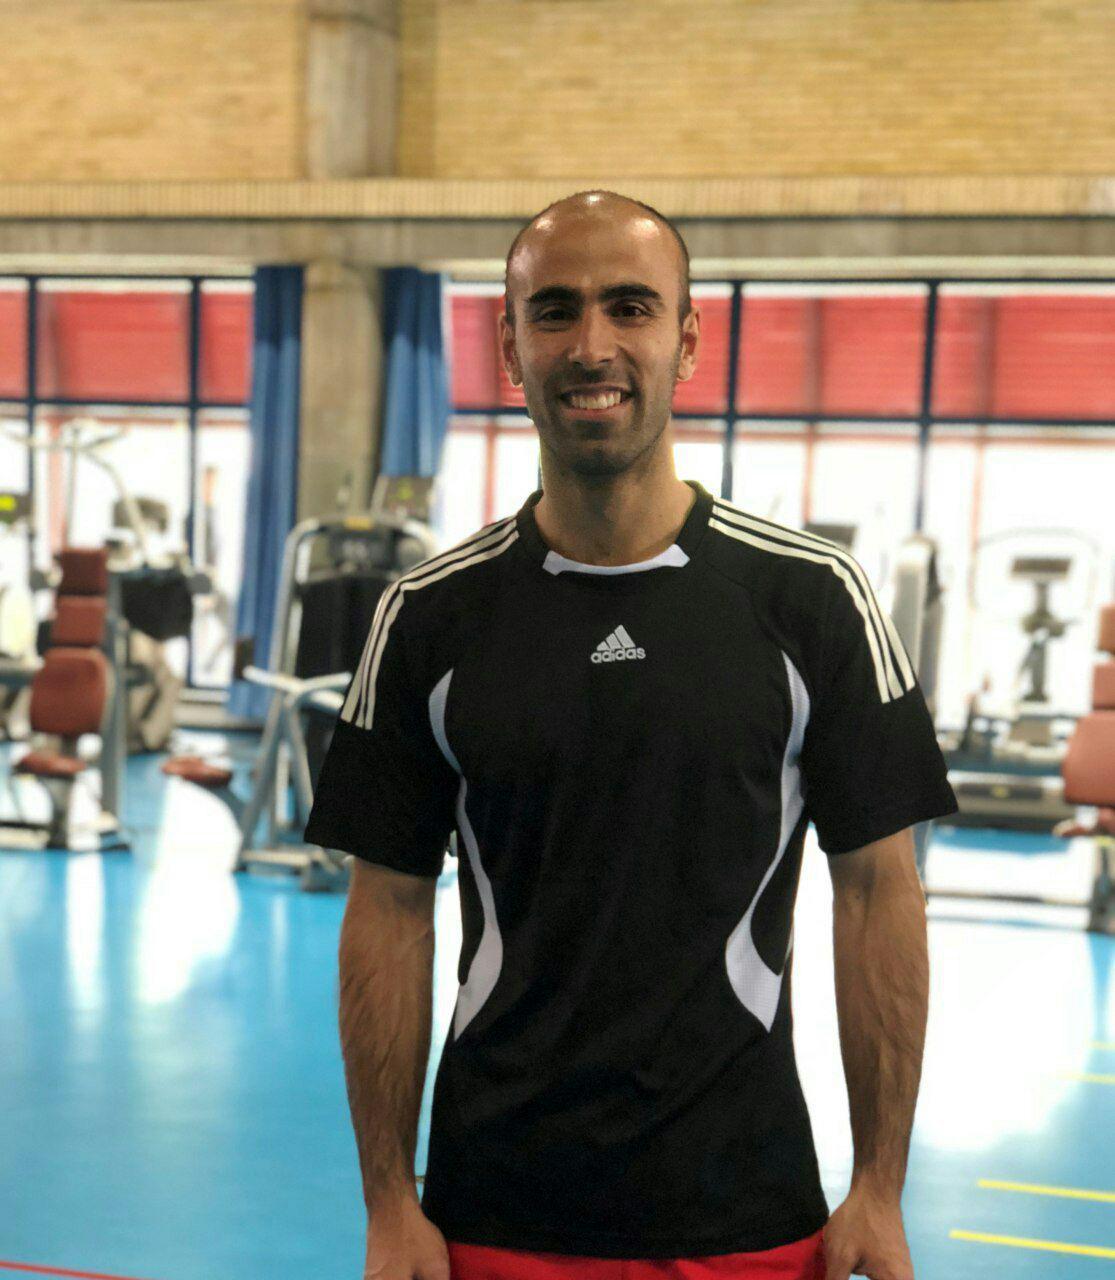 کاراتهکای سنندجی راهی سومین لیگ جهانی کاراته هلند شد